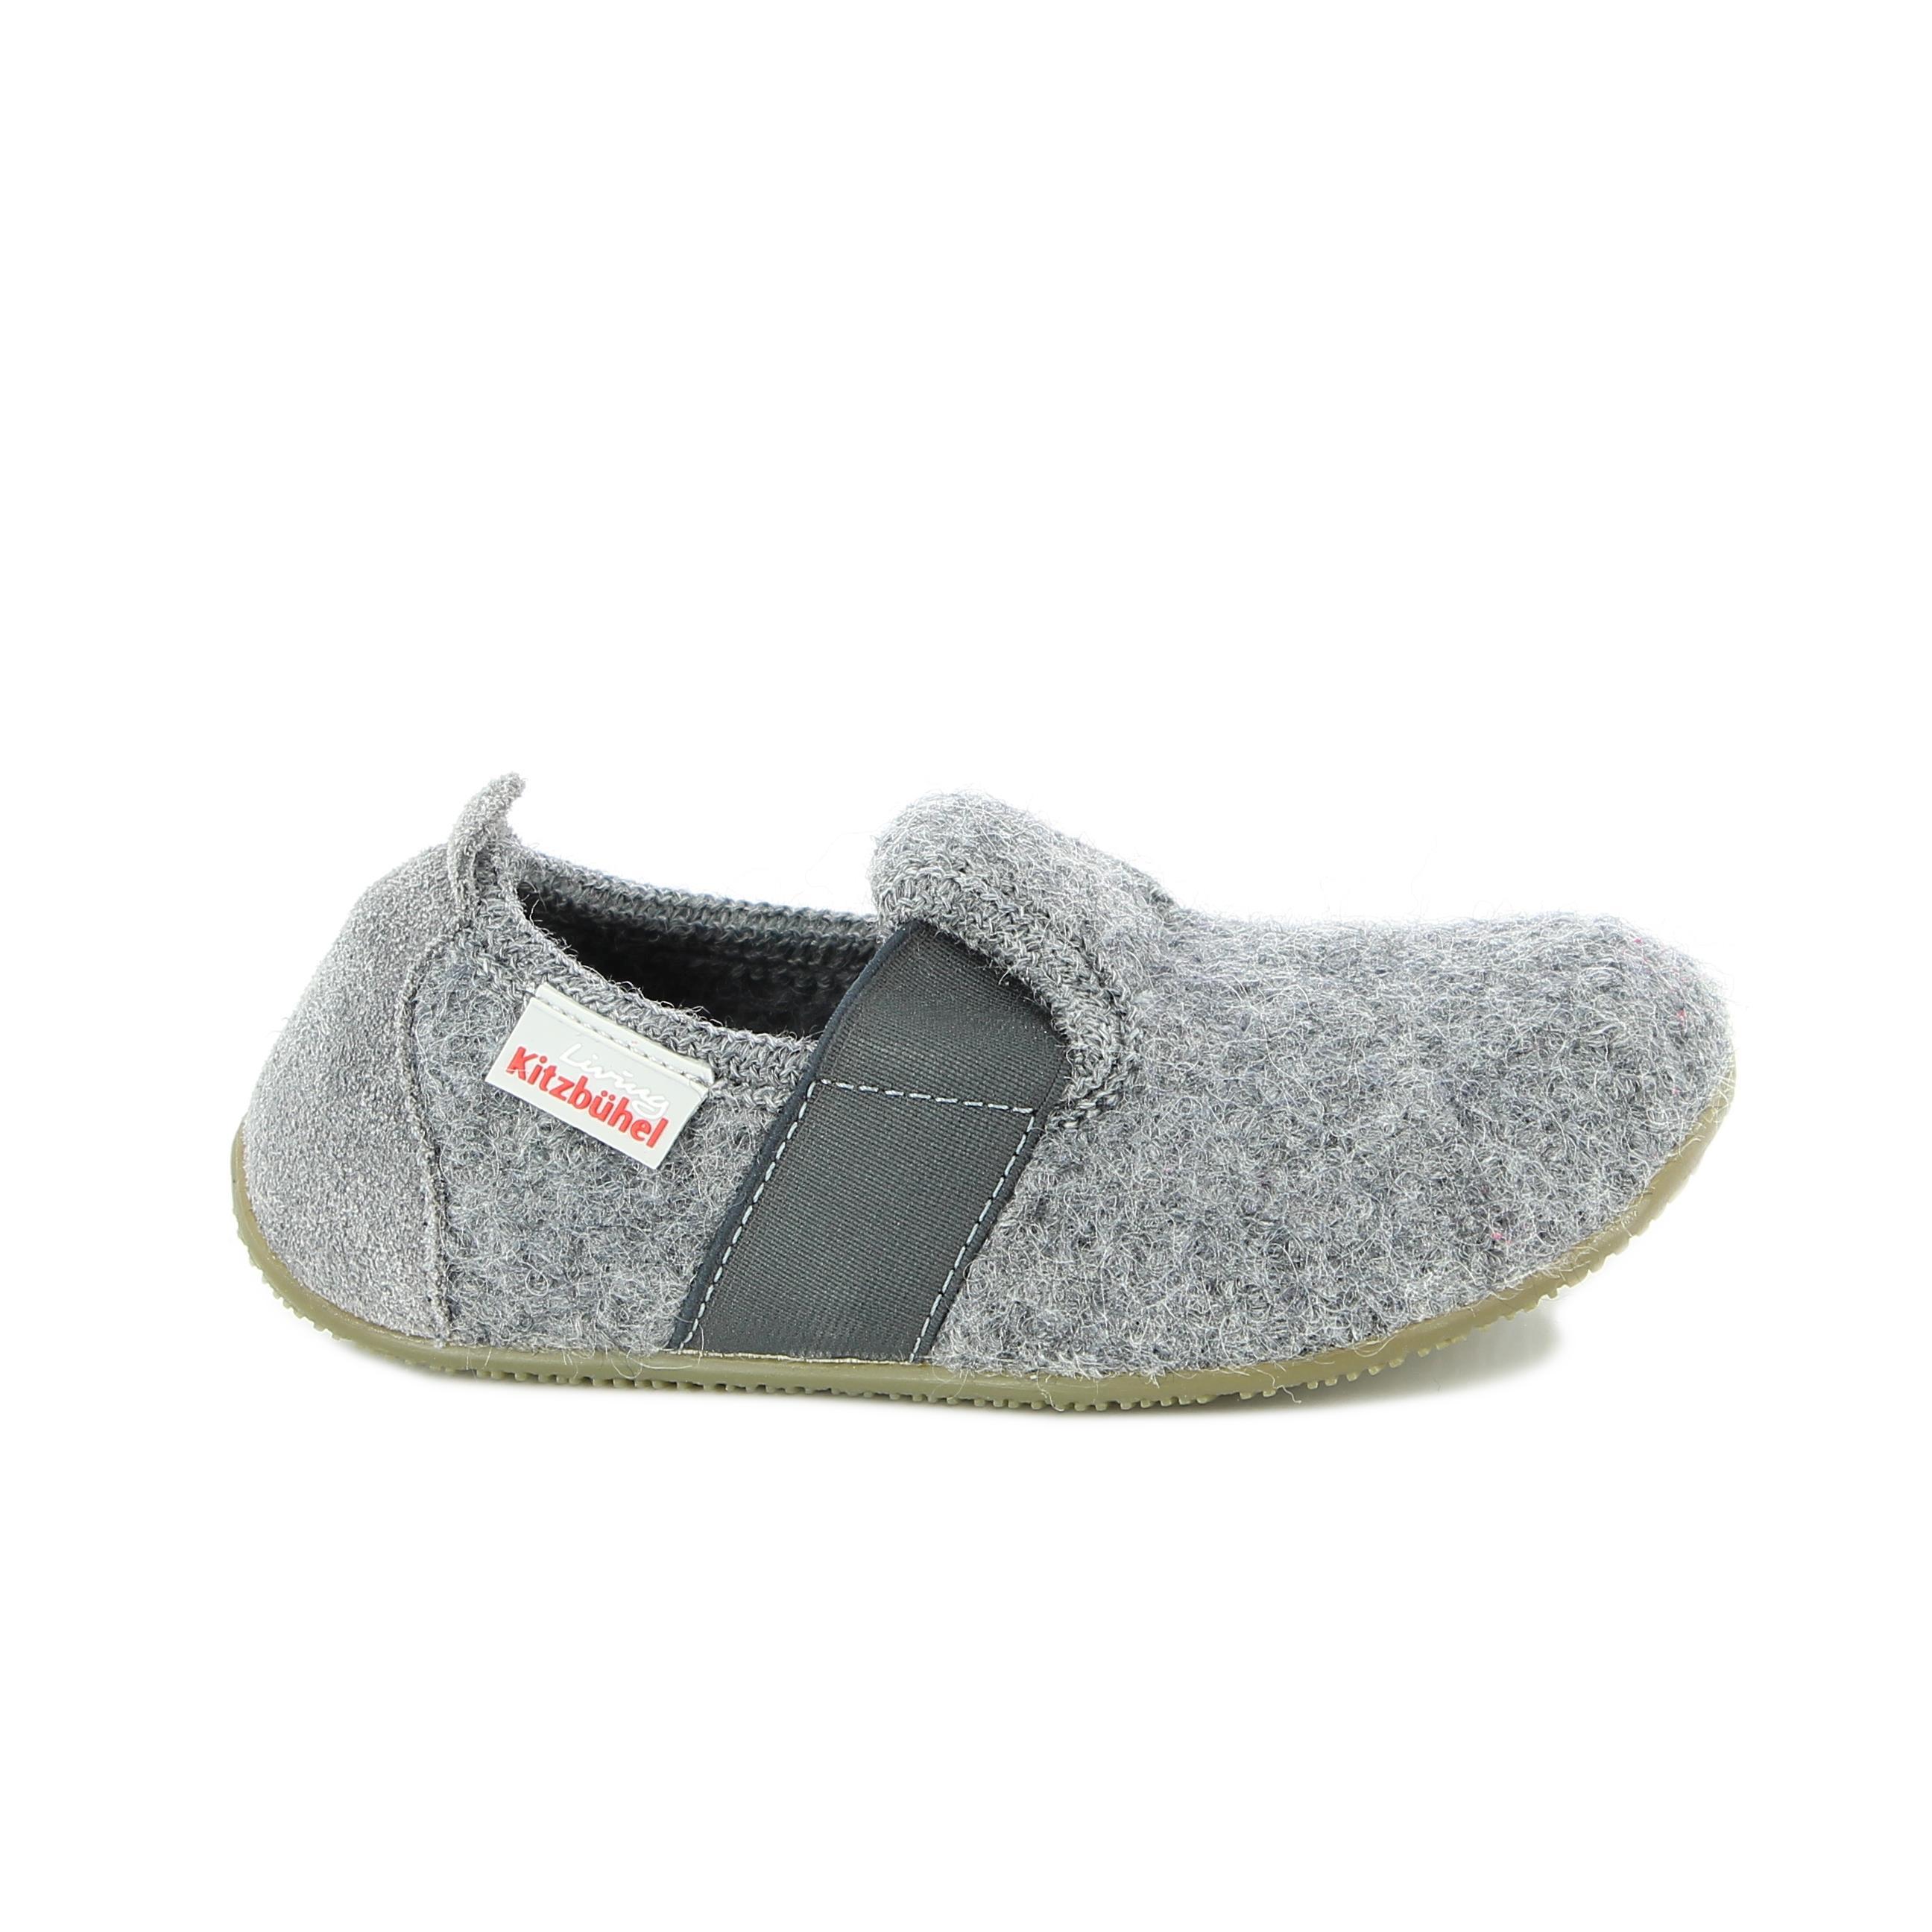 Living Kitzbühel Kinder Hausschuh grau Wolle Gr. 23 26 1446 0610 | Offizieller Living Kitzbühel Shop | Die besten Schuhe für Zuhause